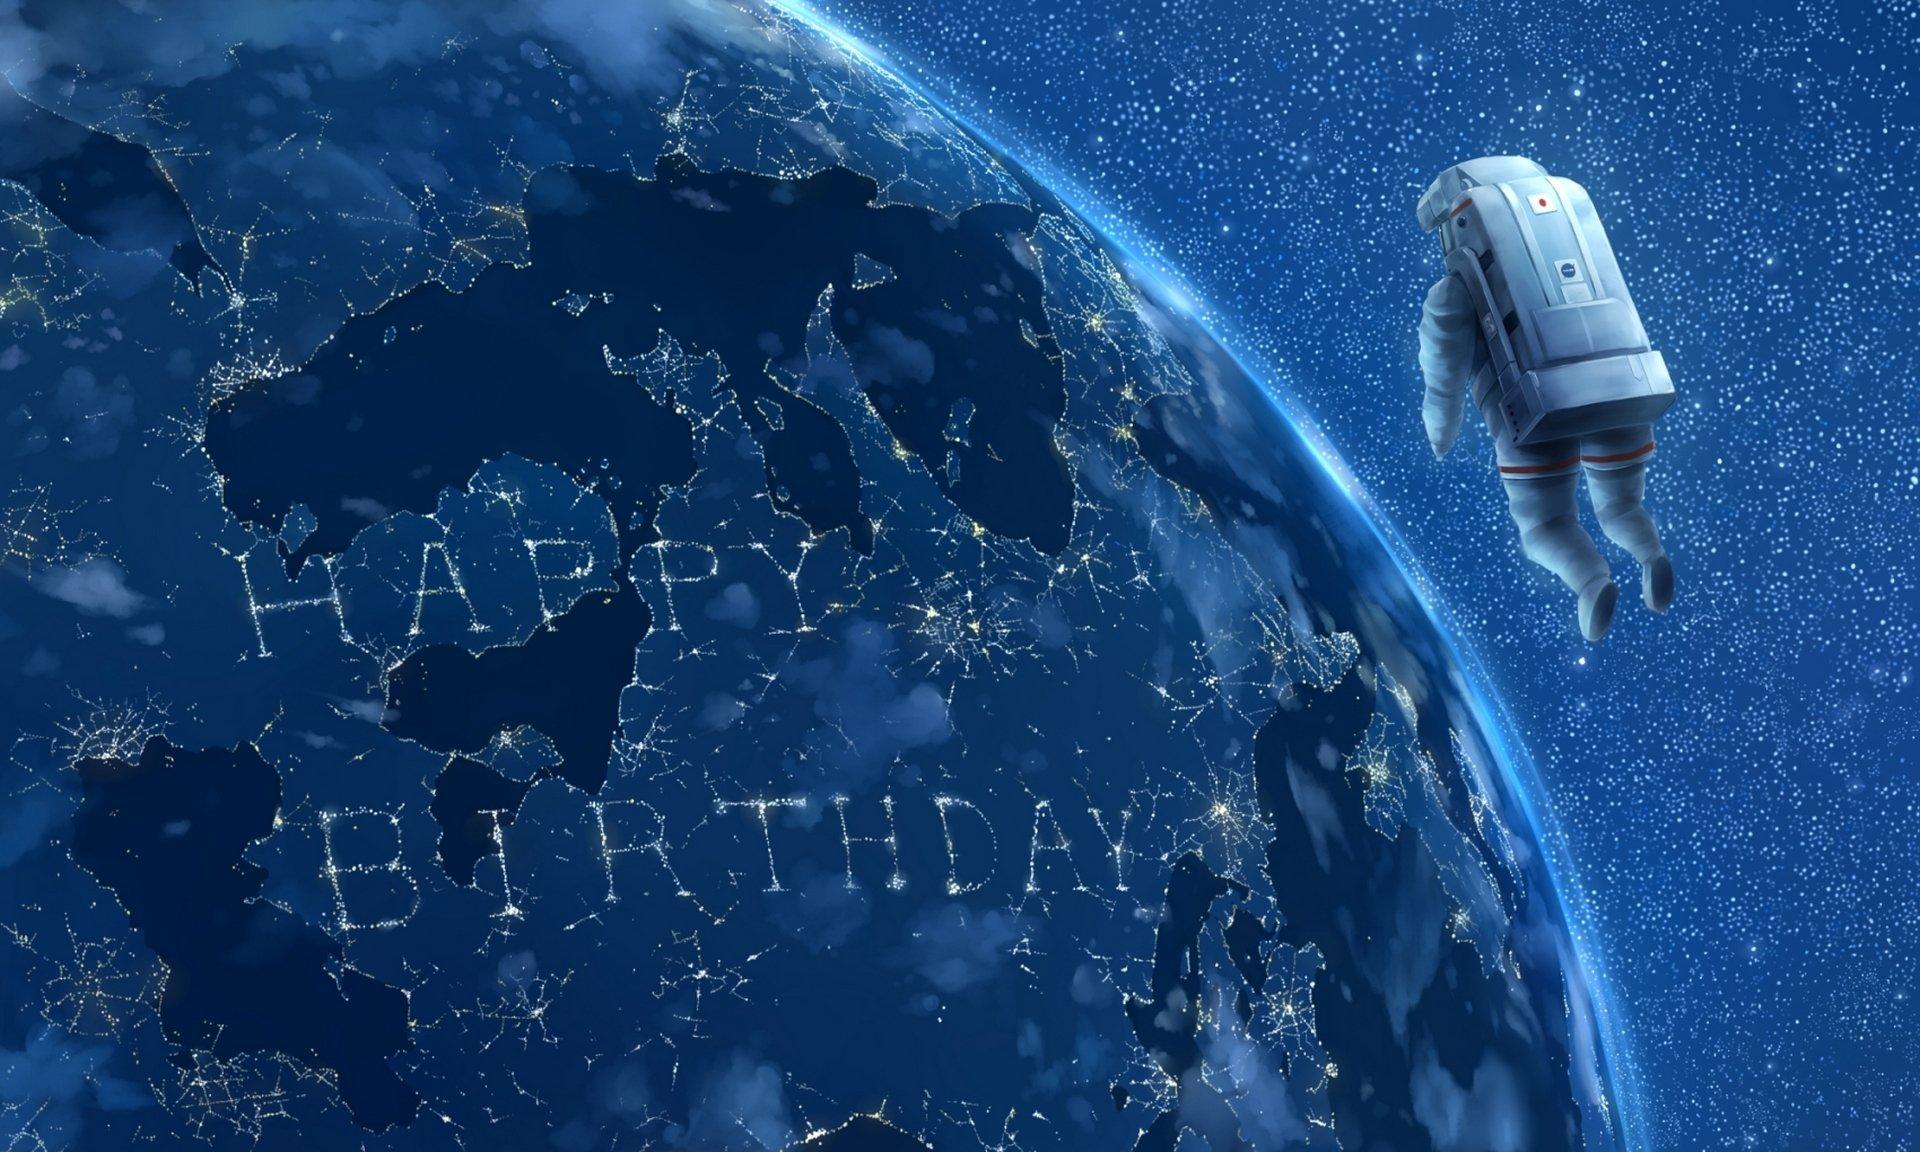 Открытка с днем рождения тема космос, открытка дню рождения